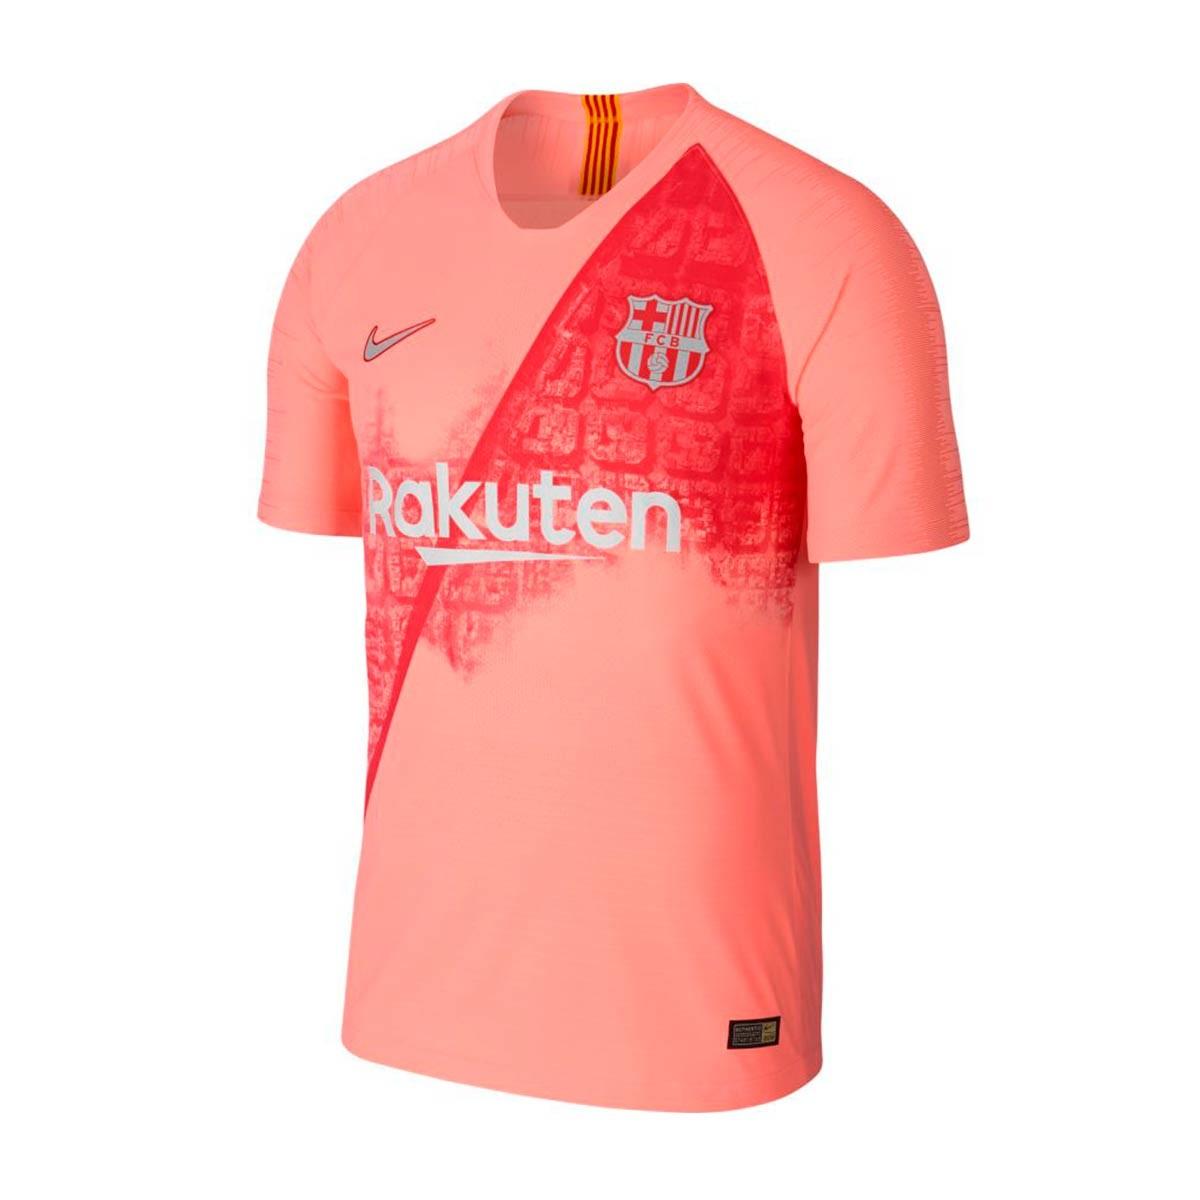 e53e8ba9 Camiseta Nike Vapor FC Barcelona Match Tercera Equipación 2018-2019 Light  atomic pink-Silver - Tienda de fútbol Fútbol Emotion